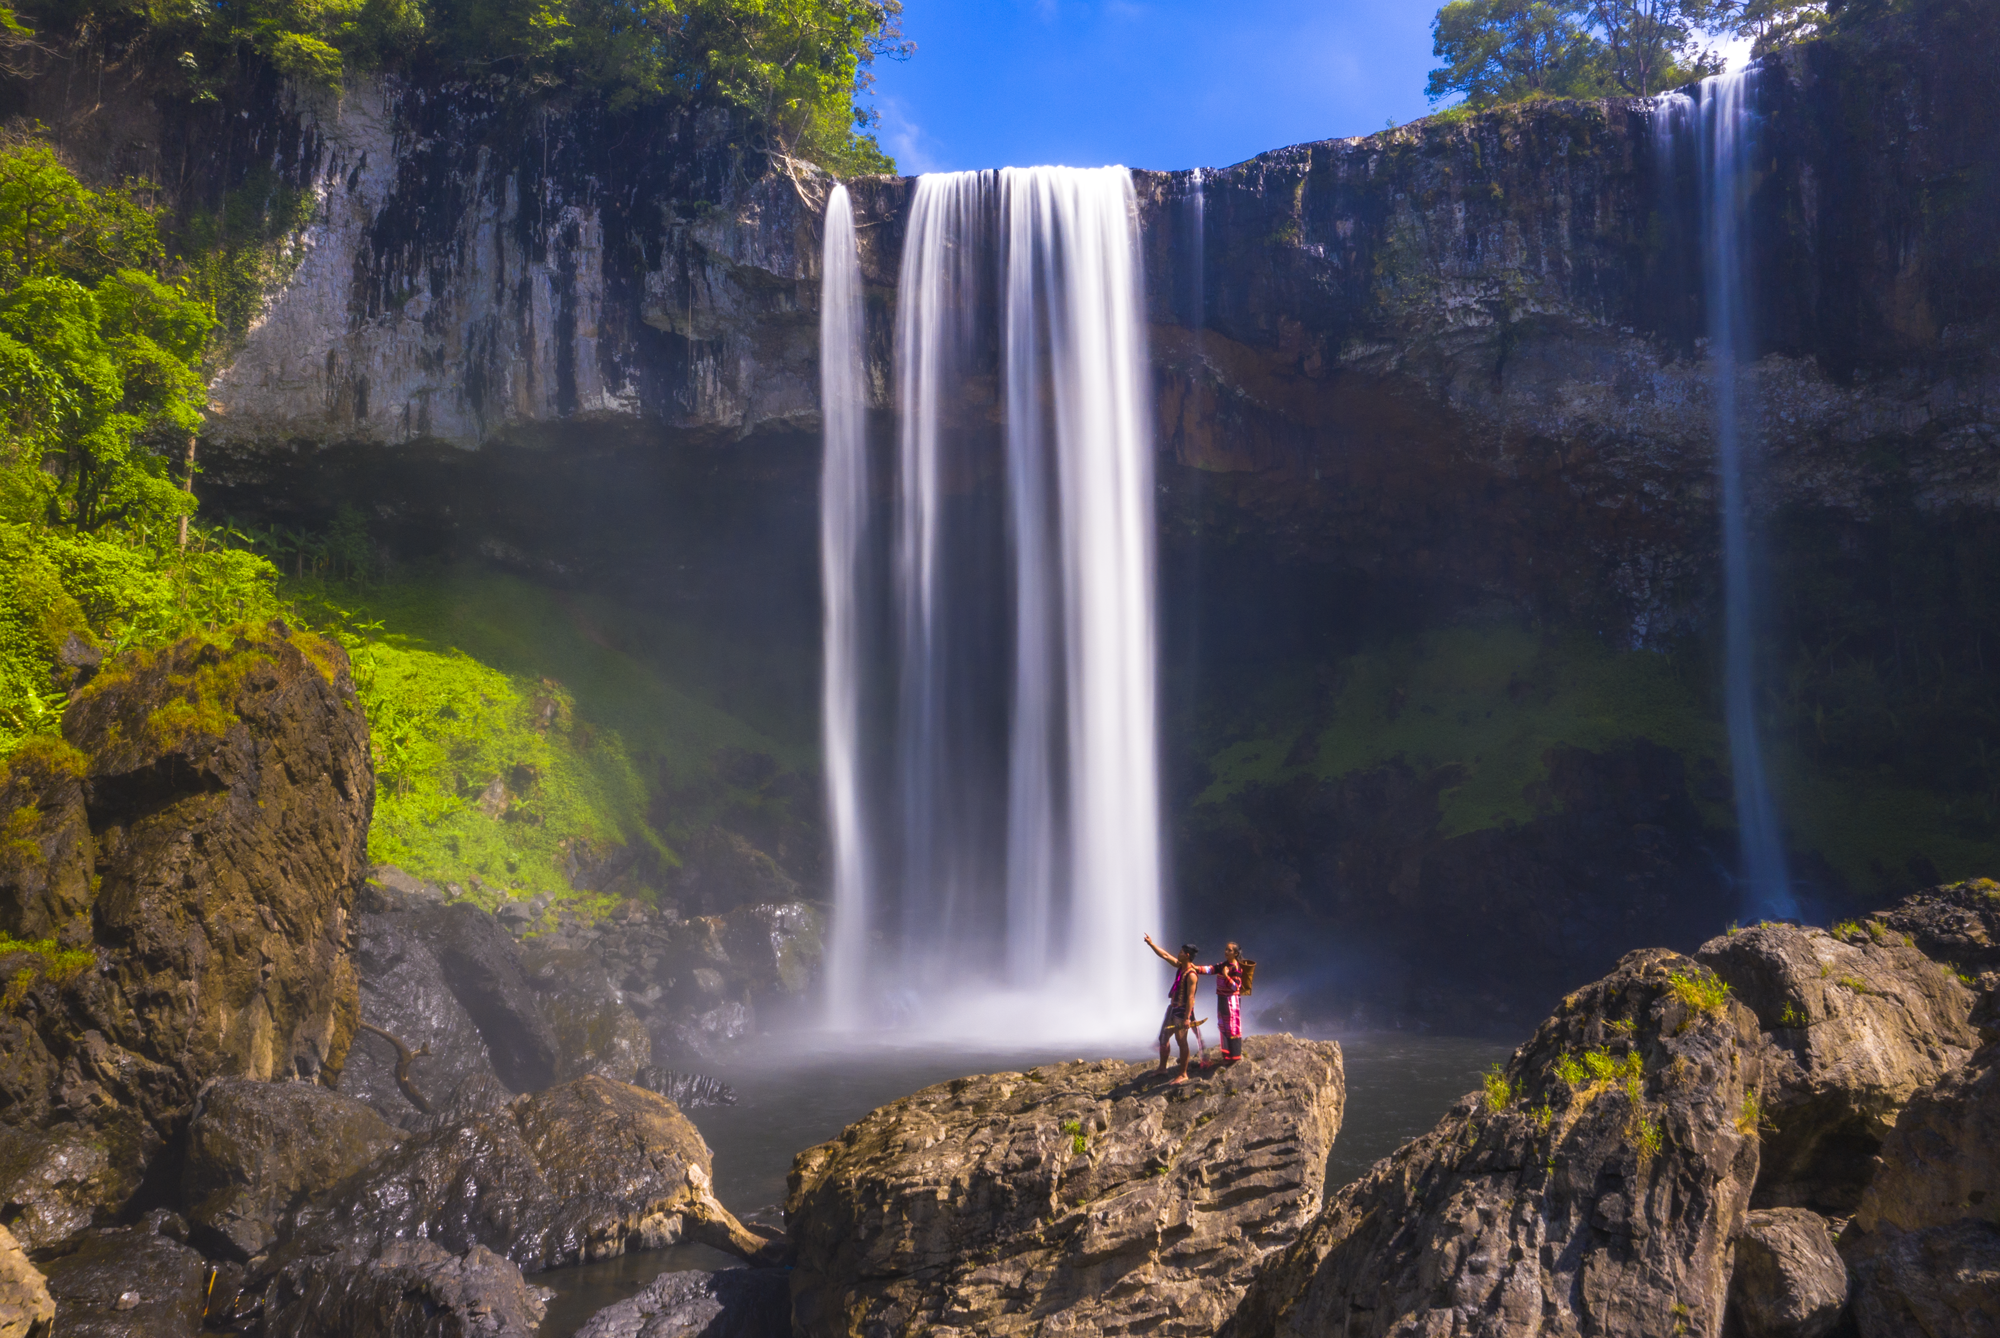 Ngắm thác nước được ví như 'nàng công chúa ngủ trong rừng' ở Tây Nguyên - Ảnh 5.